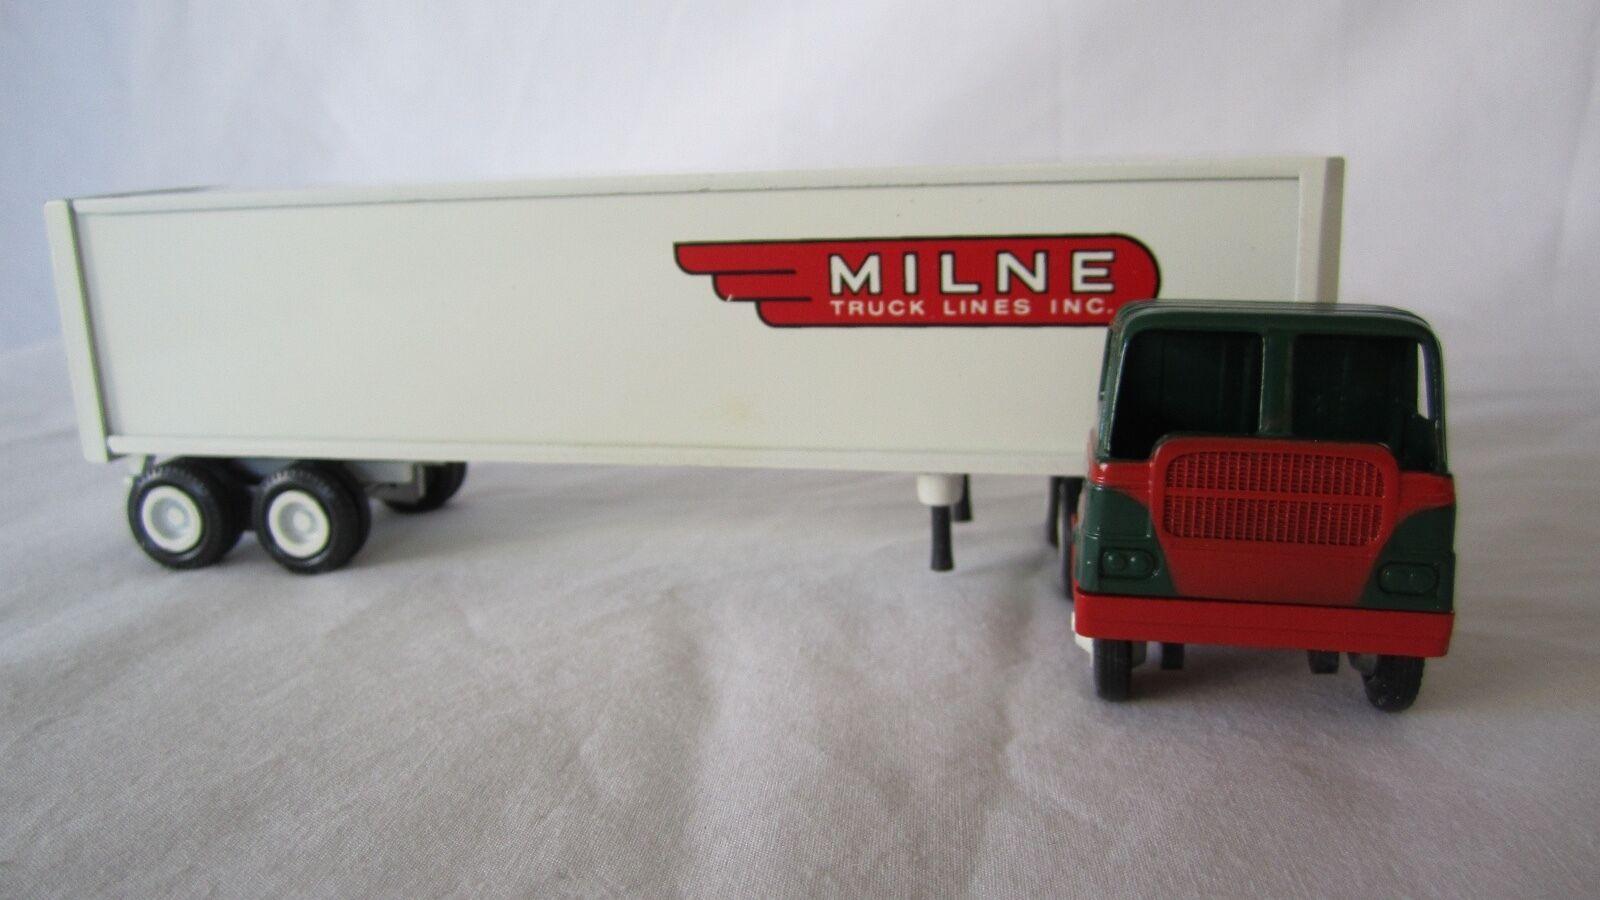 Winross 1981 líneas Milne camión camión de Cochega